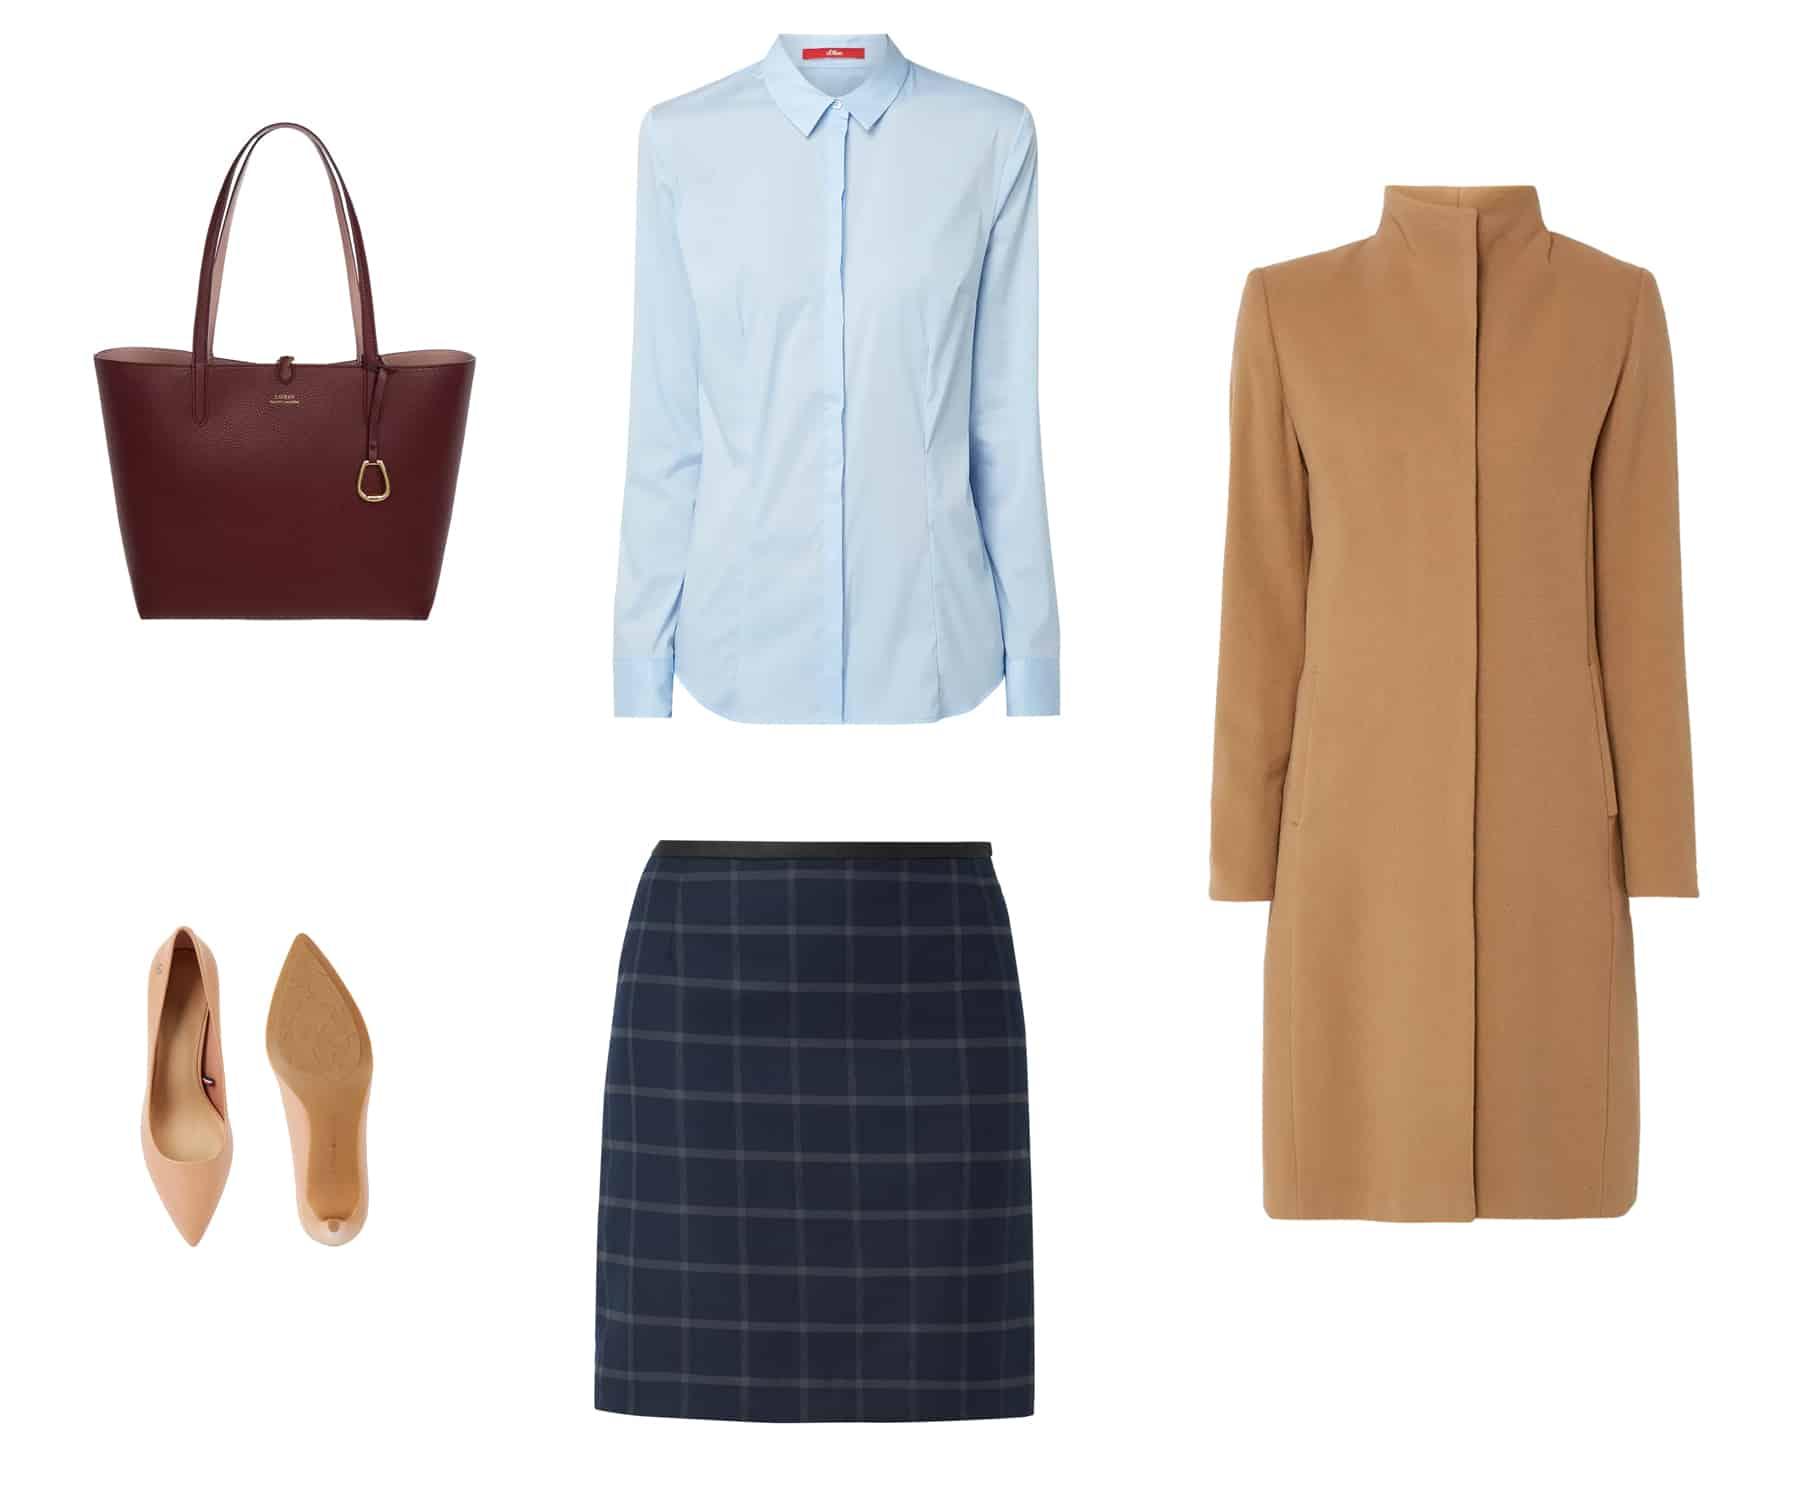 moda na jesień - brązowa torebka, niebieska koszula damska z krytymi guzikami, brązowy wełniany płaszcz camel zimowy z krytymi guzikami, beżowe szpilki, granatowa spódnica w kratę